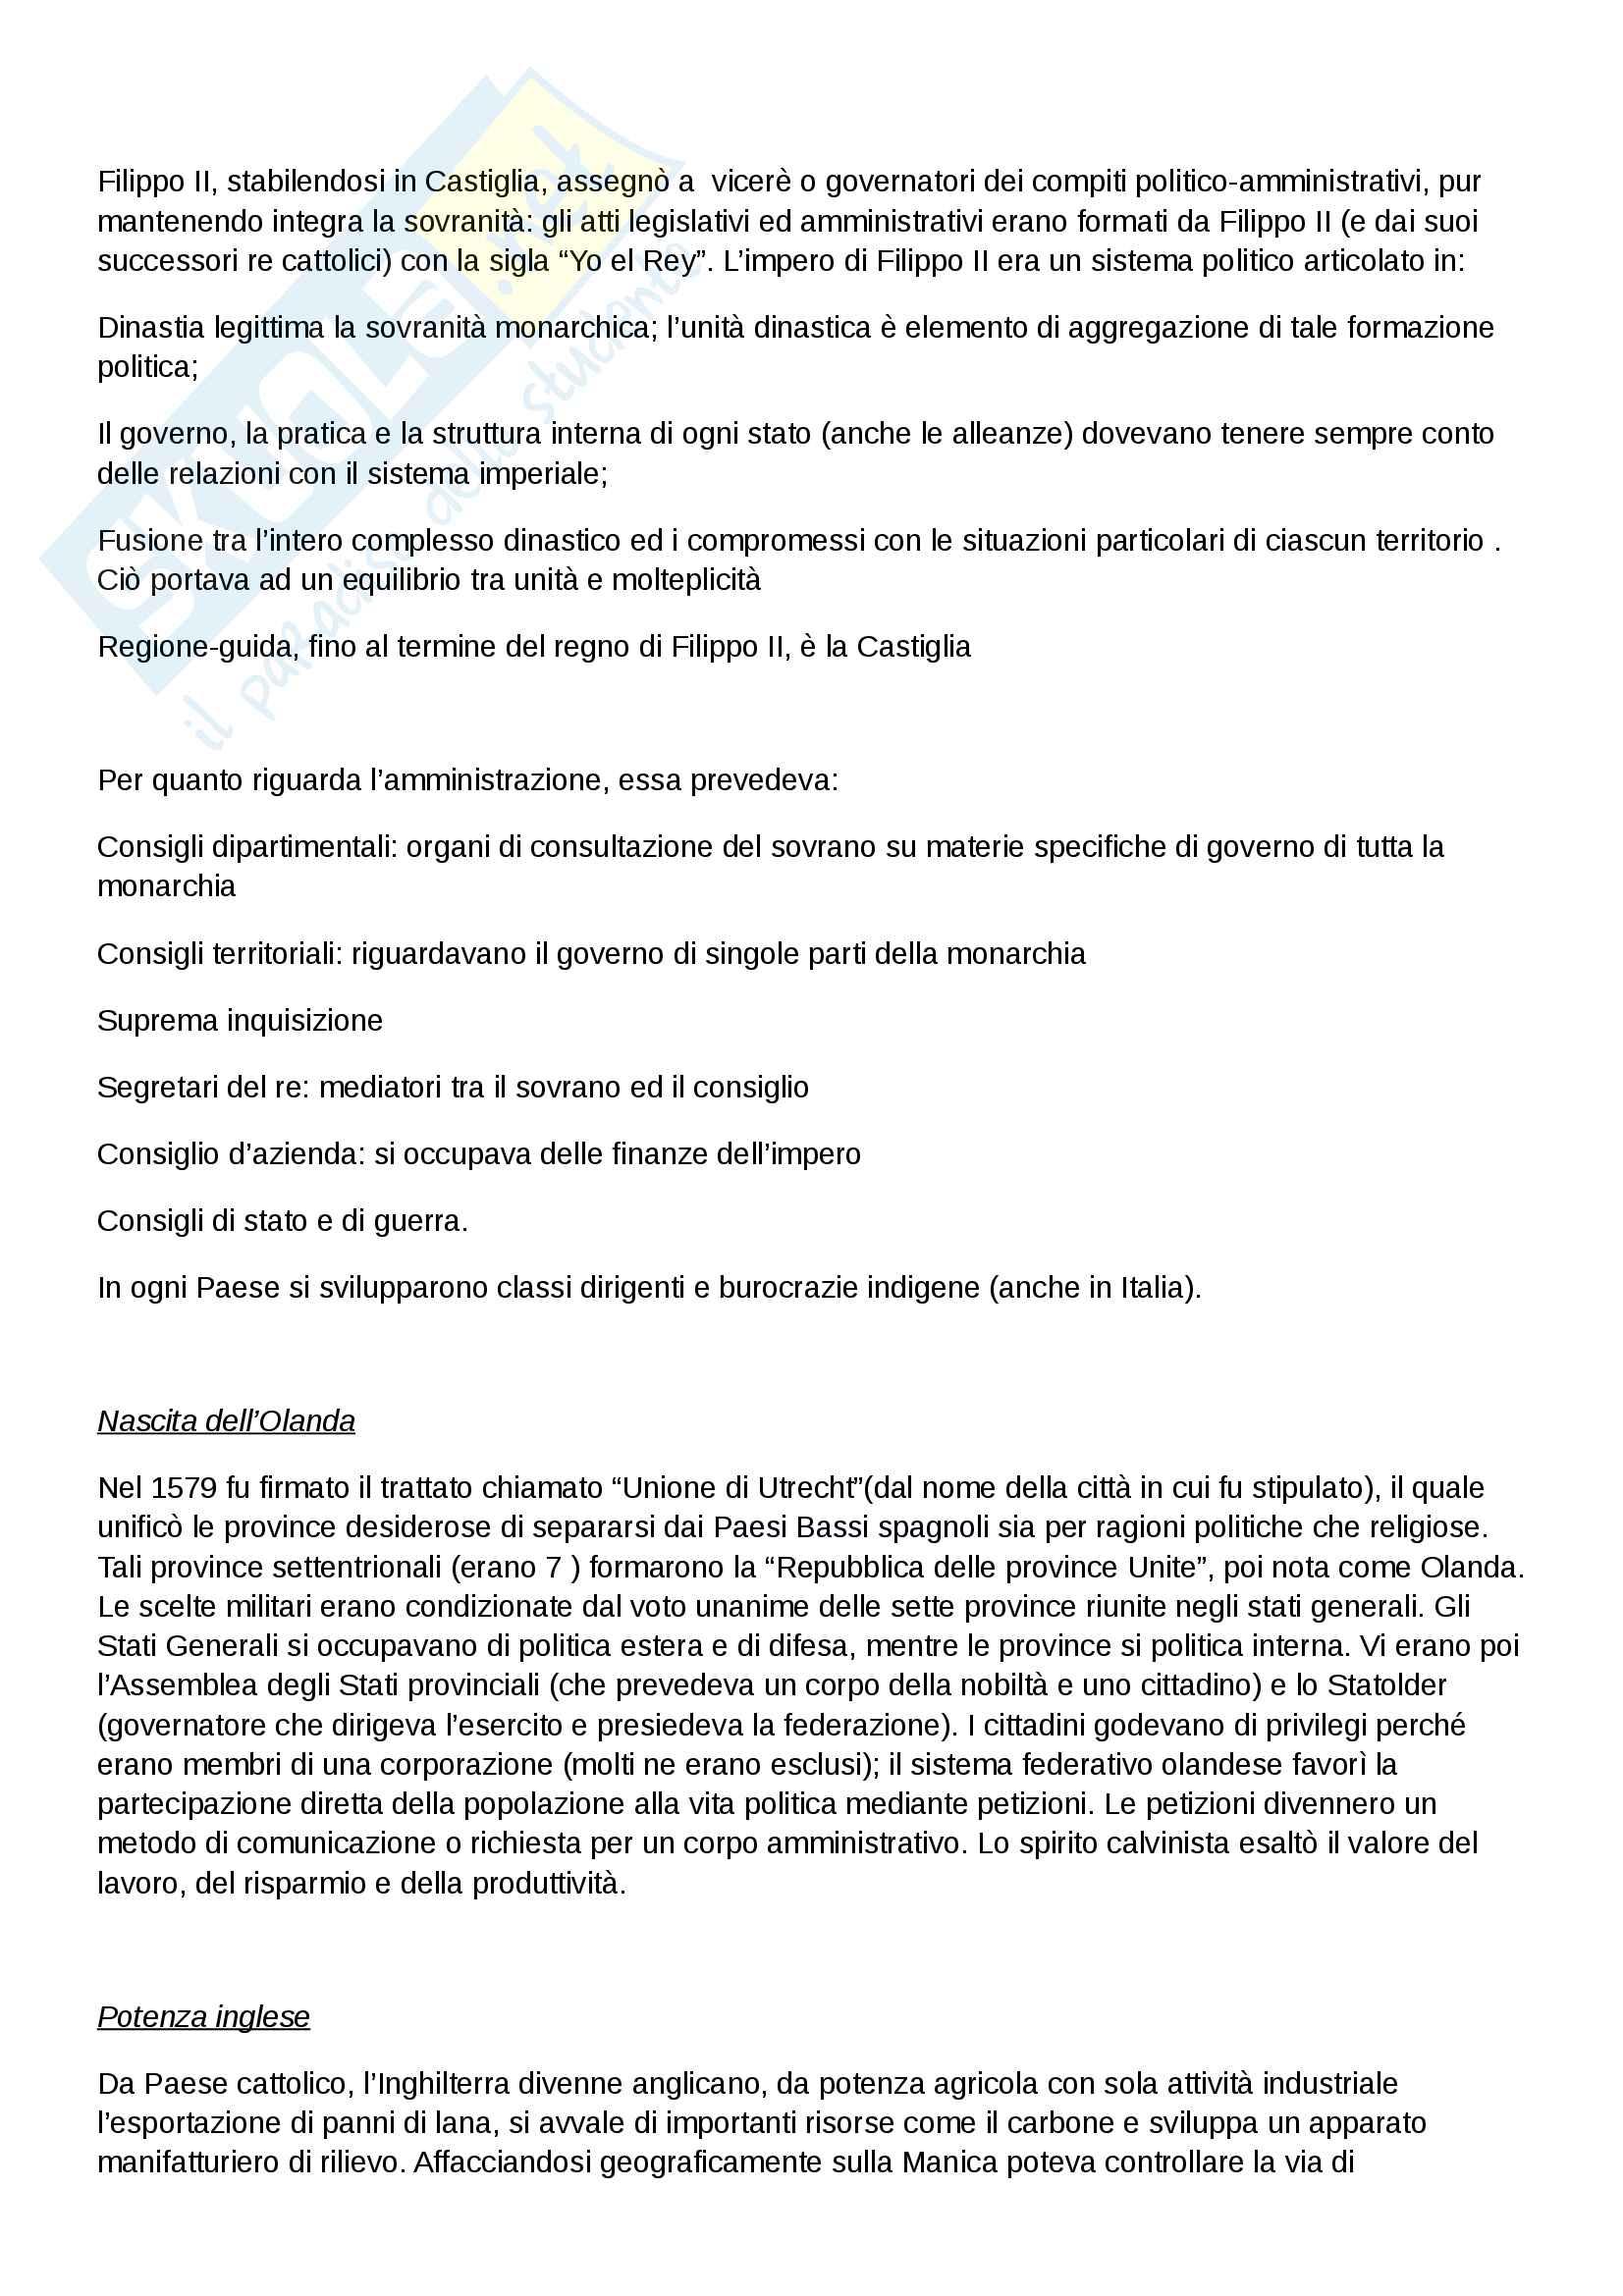 """Riassunto esame di Storia moderna, prof. Migliorini, libro consigliato """"Le vie della modernità"""" di Aurelio Musi, ed. Sansoni Pag. 16"""